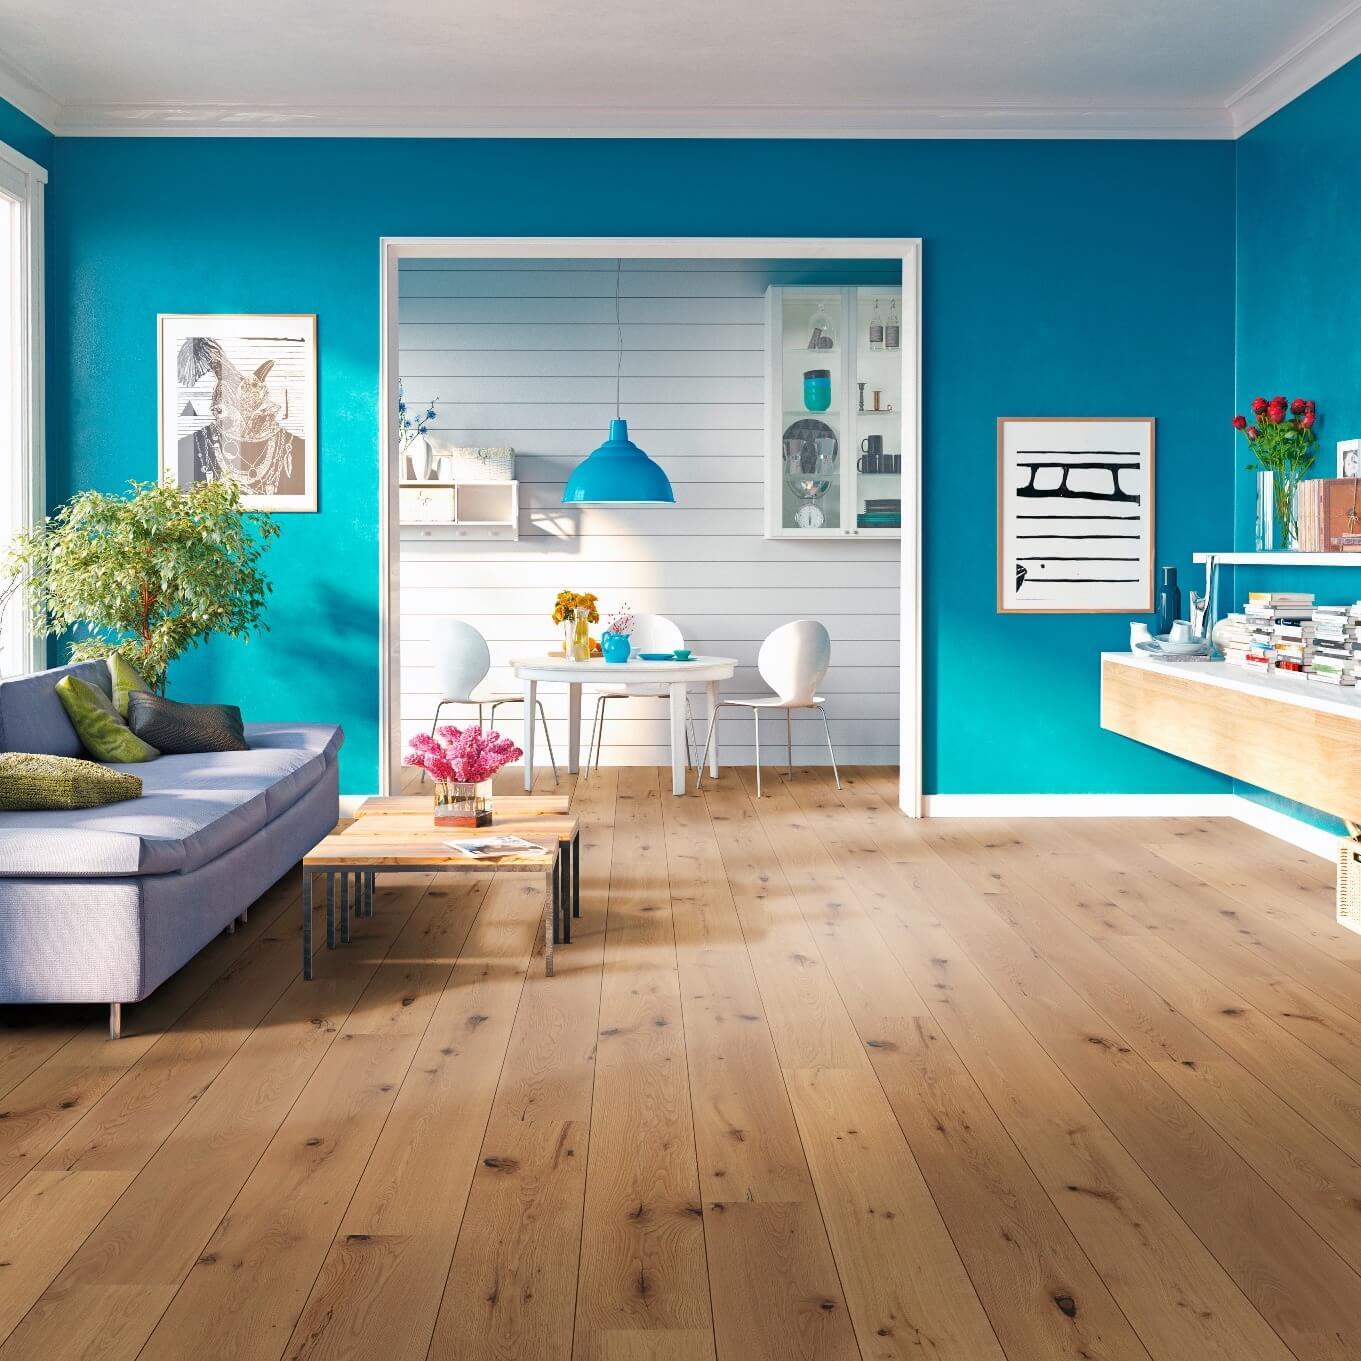 Wohnzimmer mit Dielen Fußbodenbelag